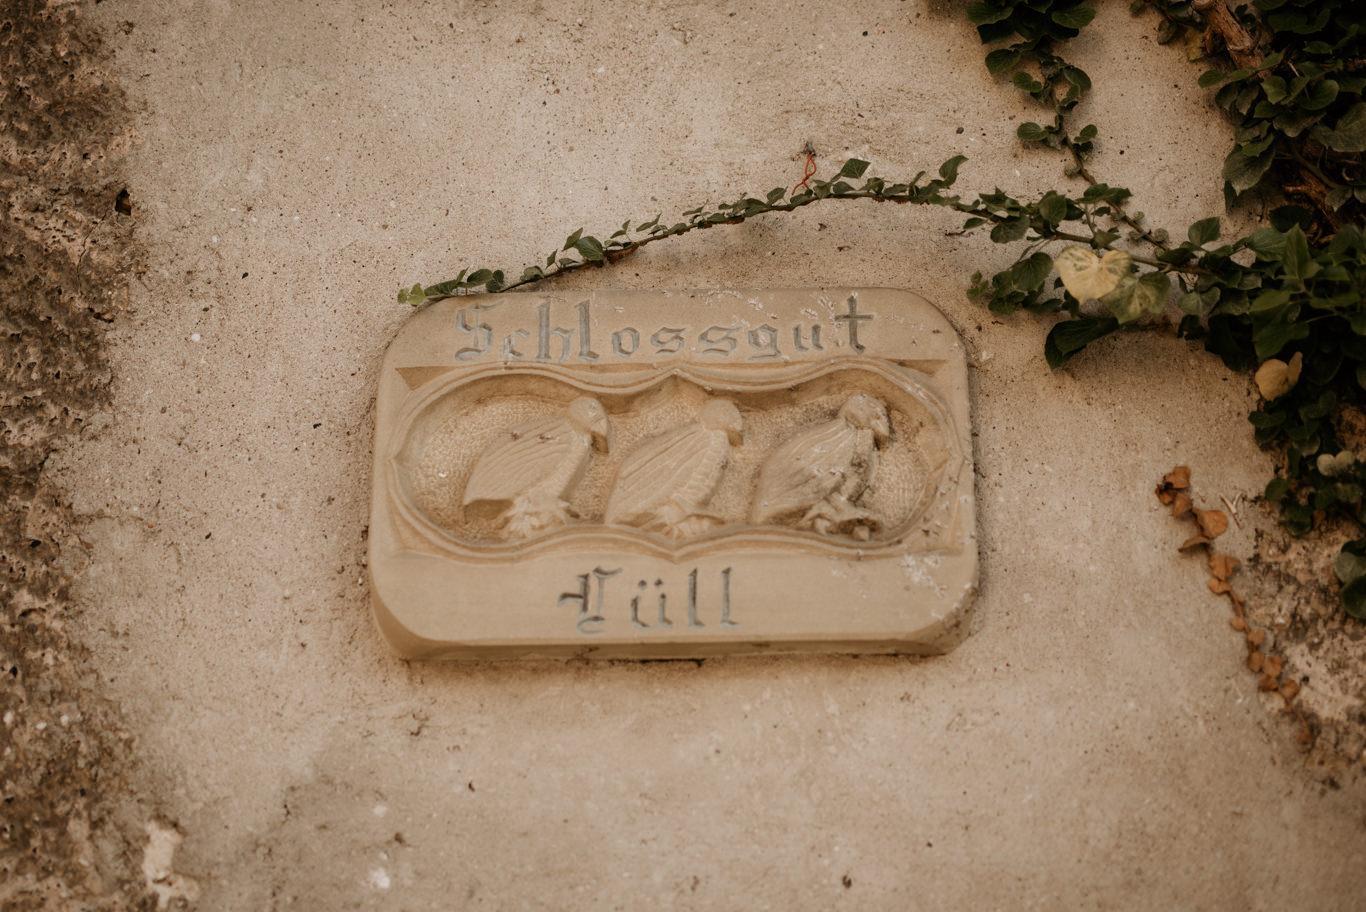 Hochzeit im Schlossgut Lll in Wachenheim  Simone Sohl Fotografie